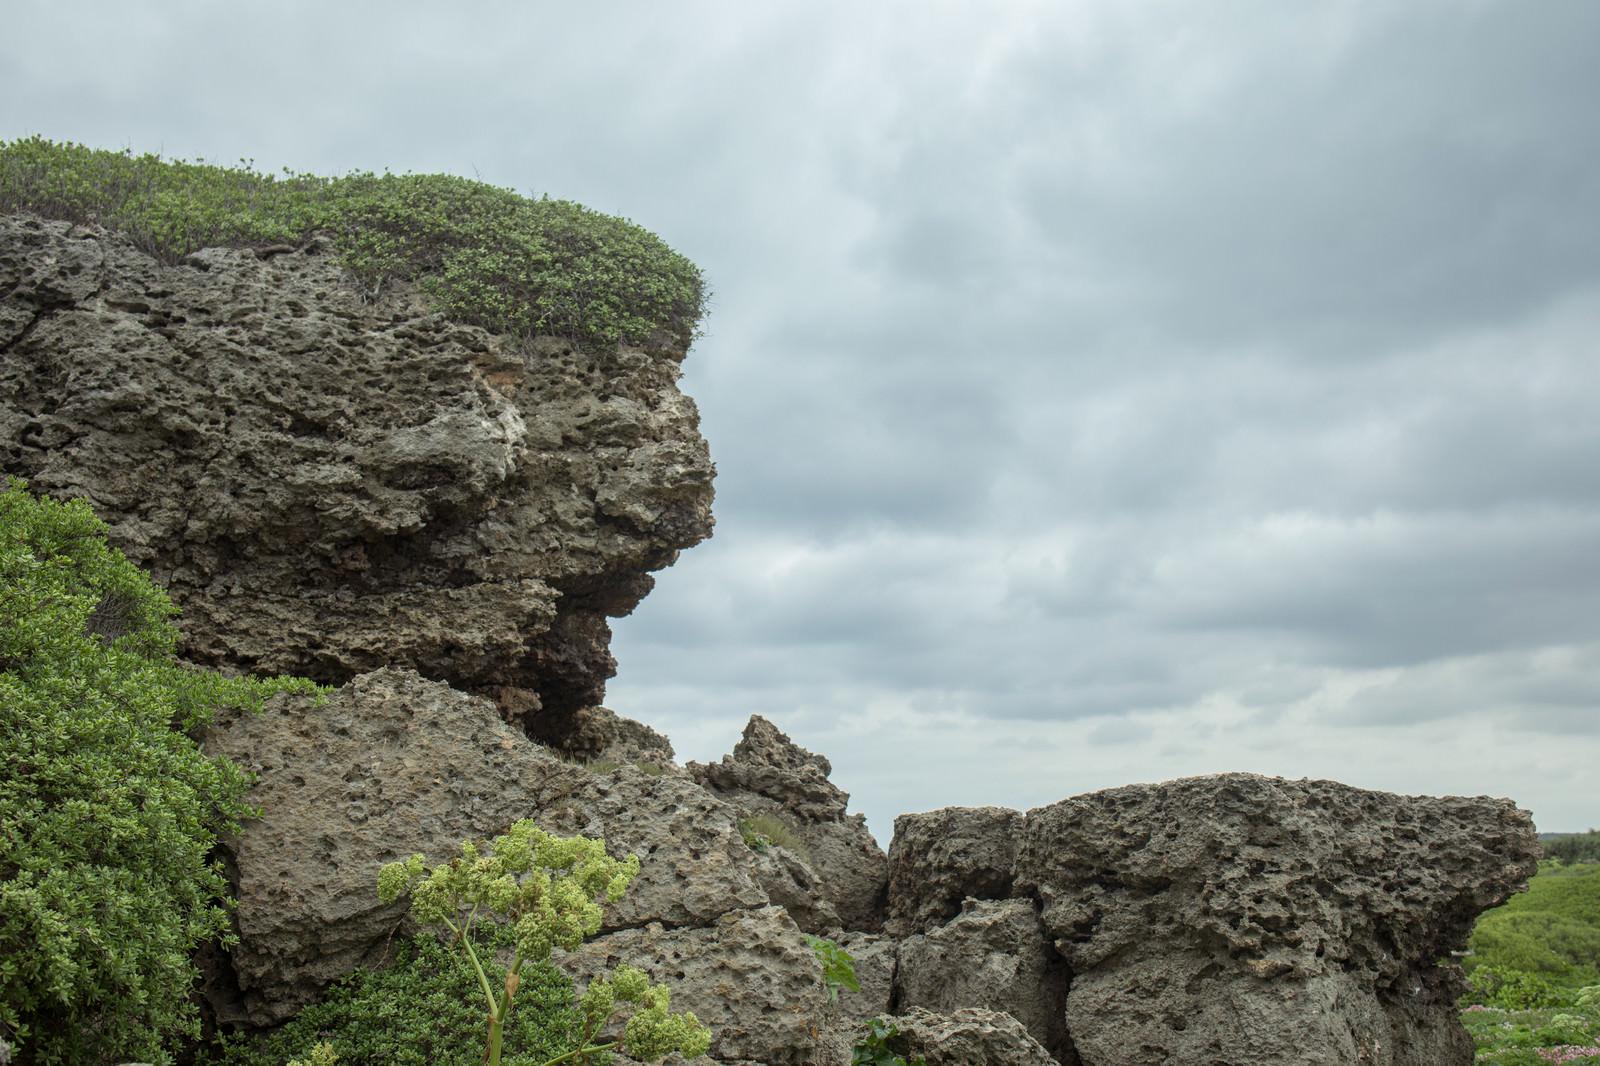 「曇り空と岩場」の写真